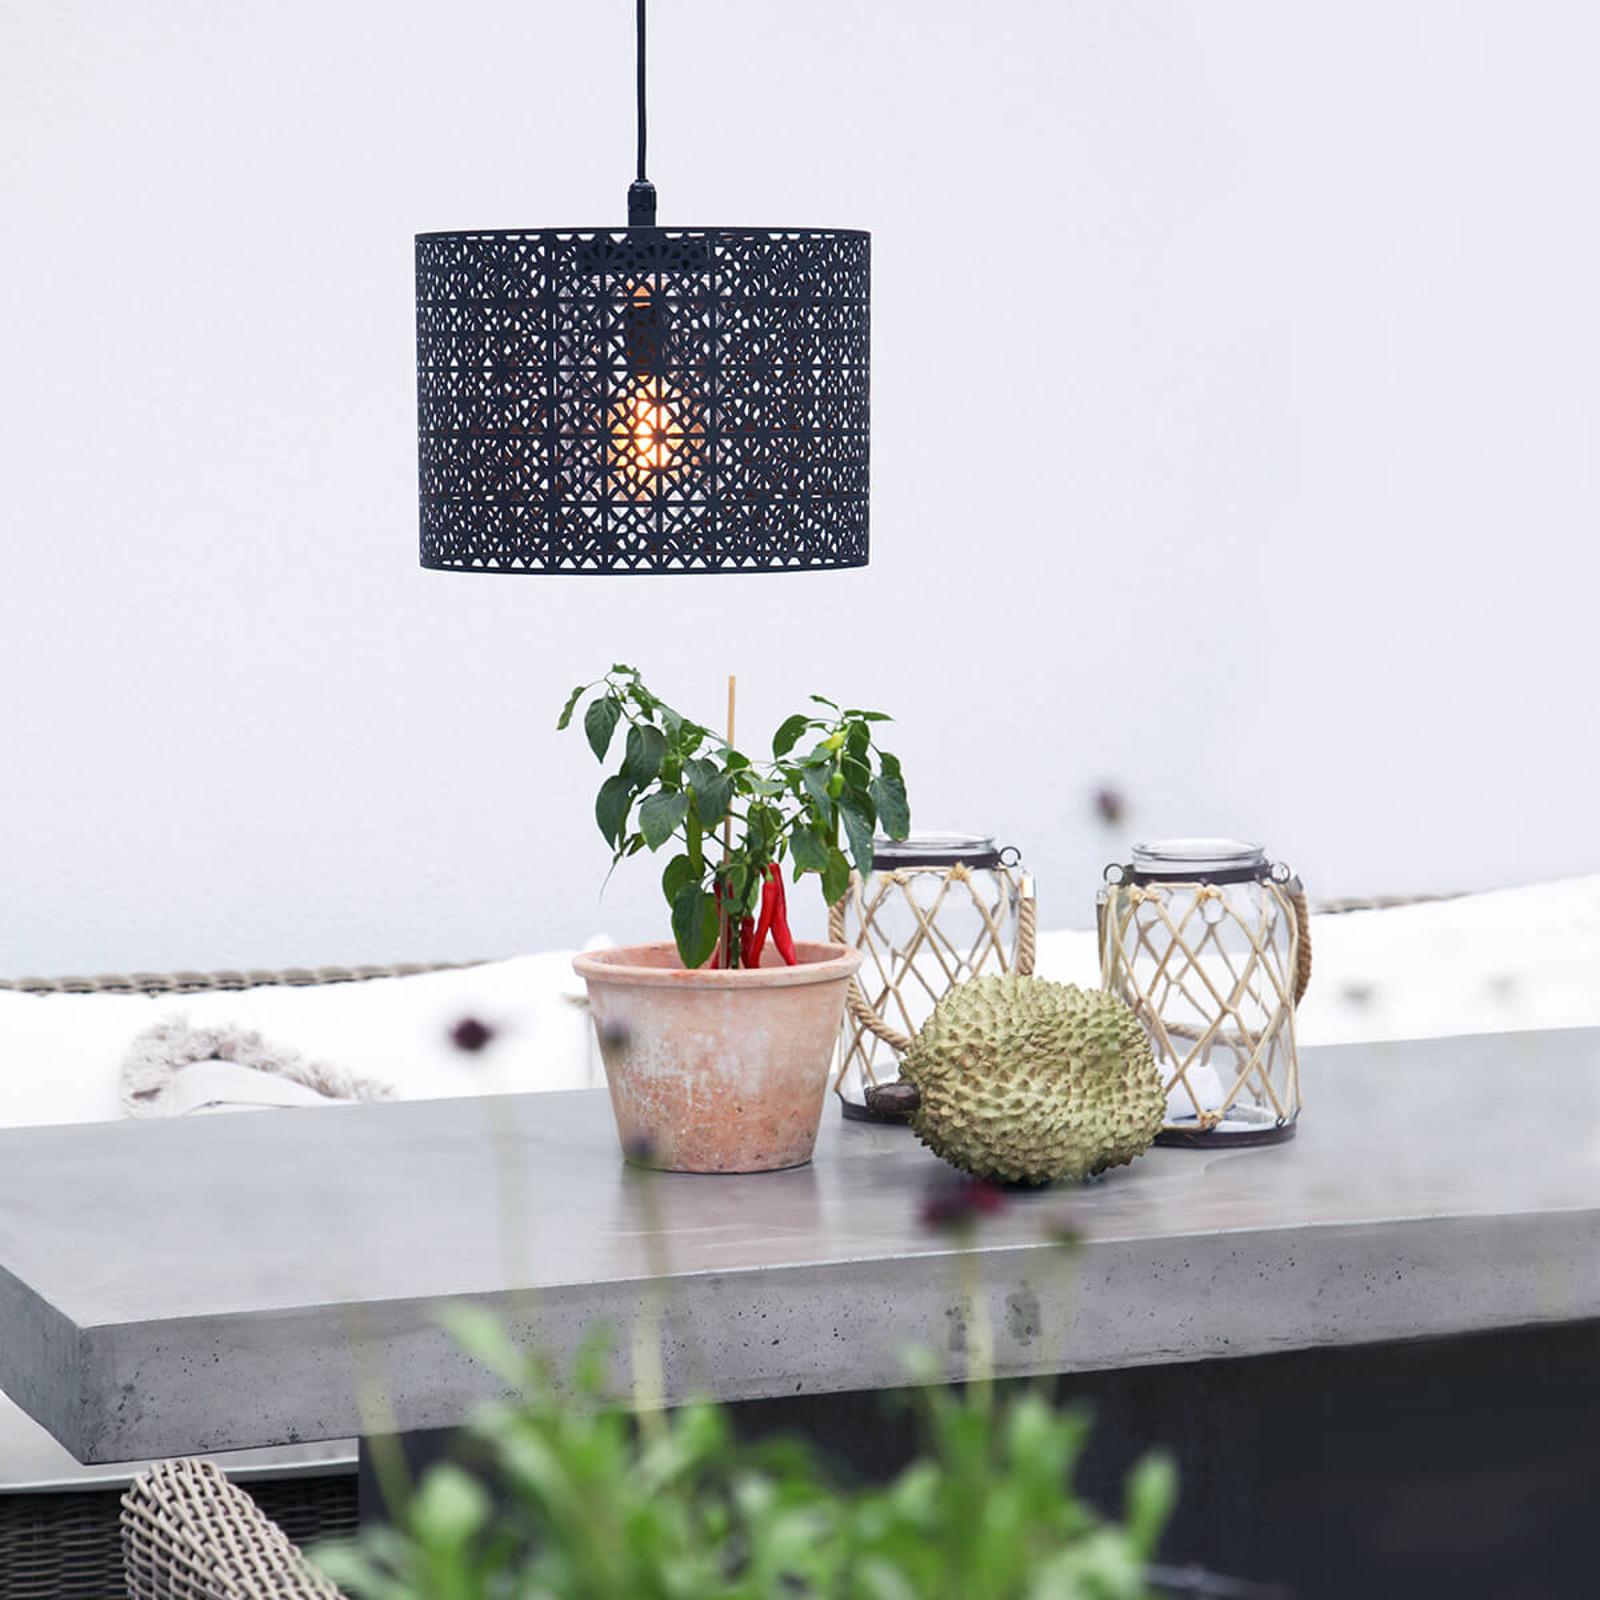 By Rydéns Maison zewnętrzna lampa wisząca